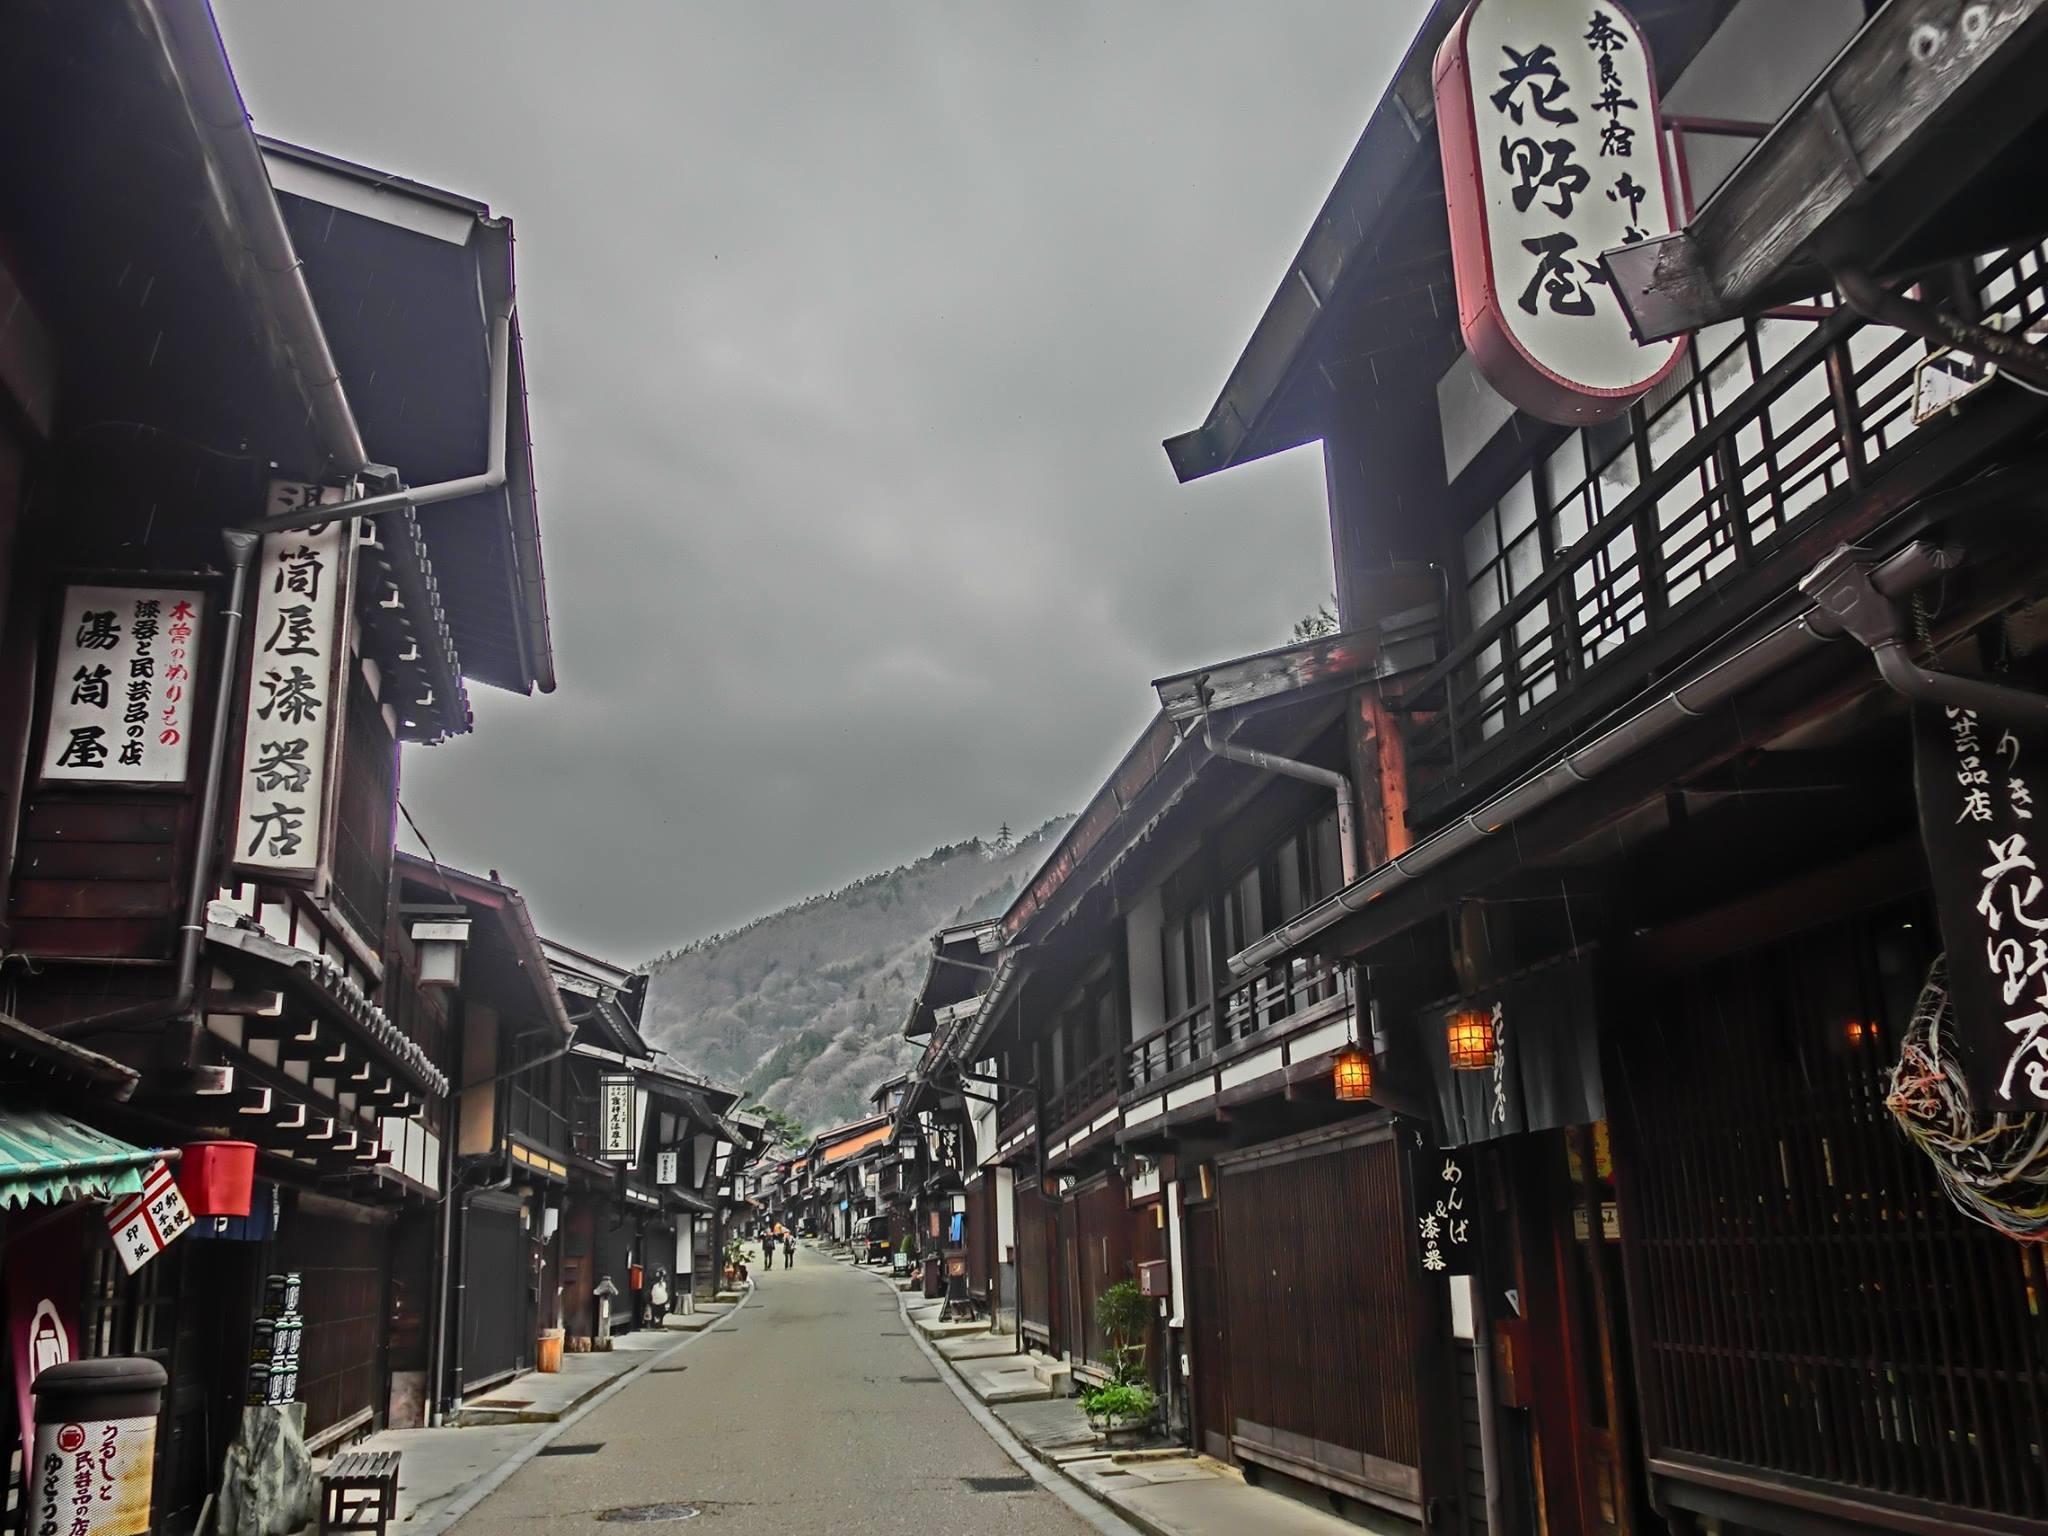 木曽路 奈良井宿 (2)_b0408745_22121533.jpeg